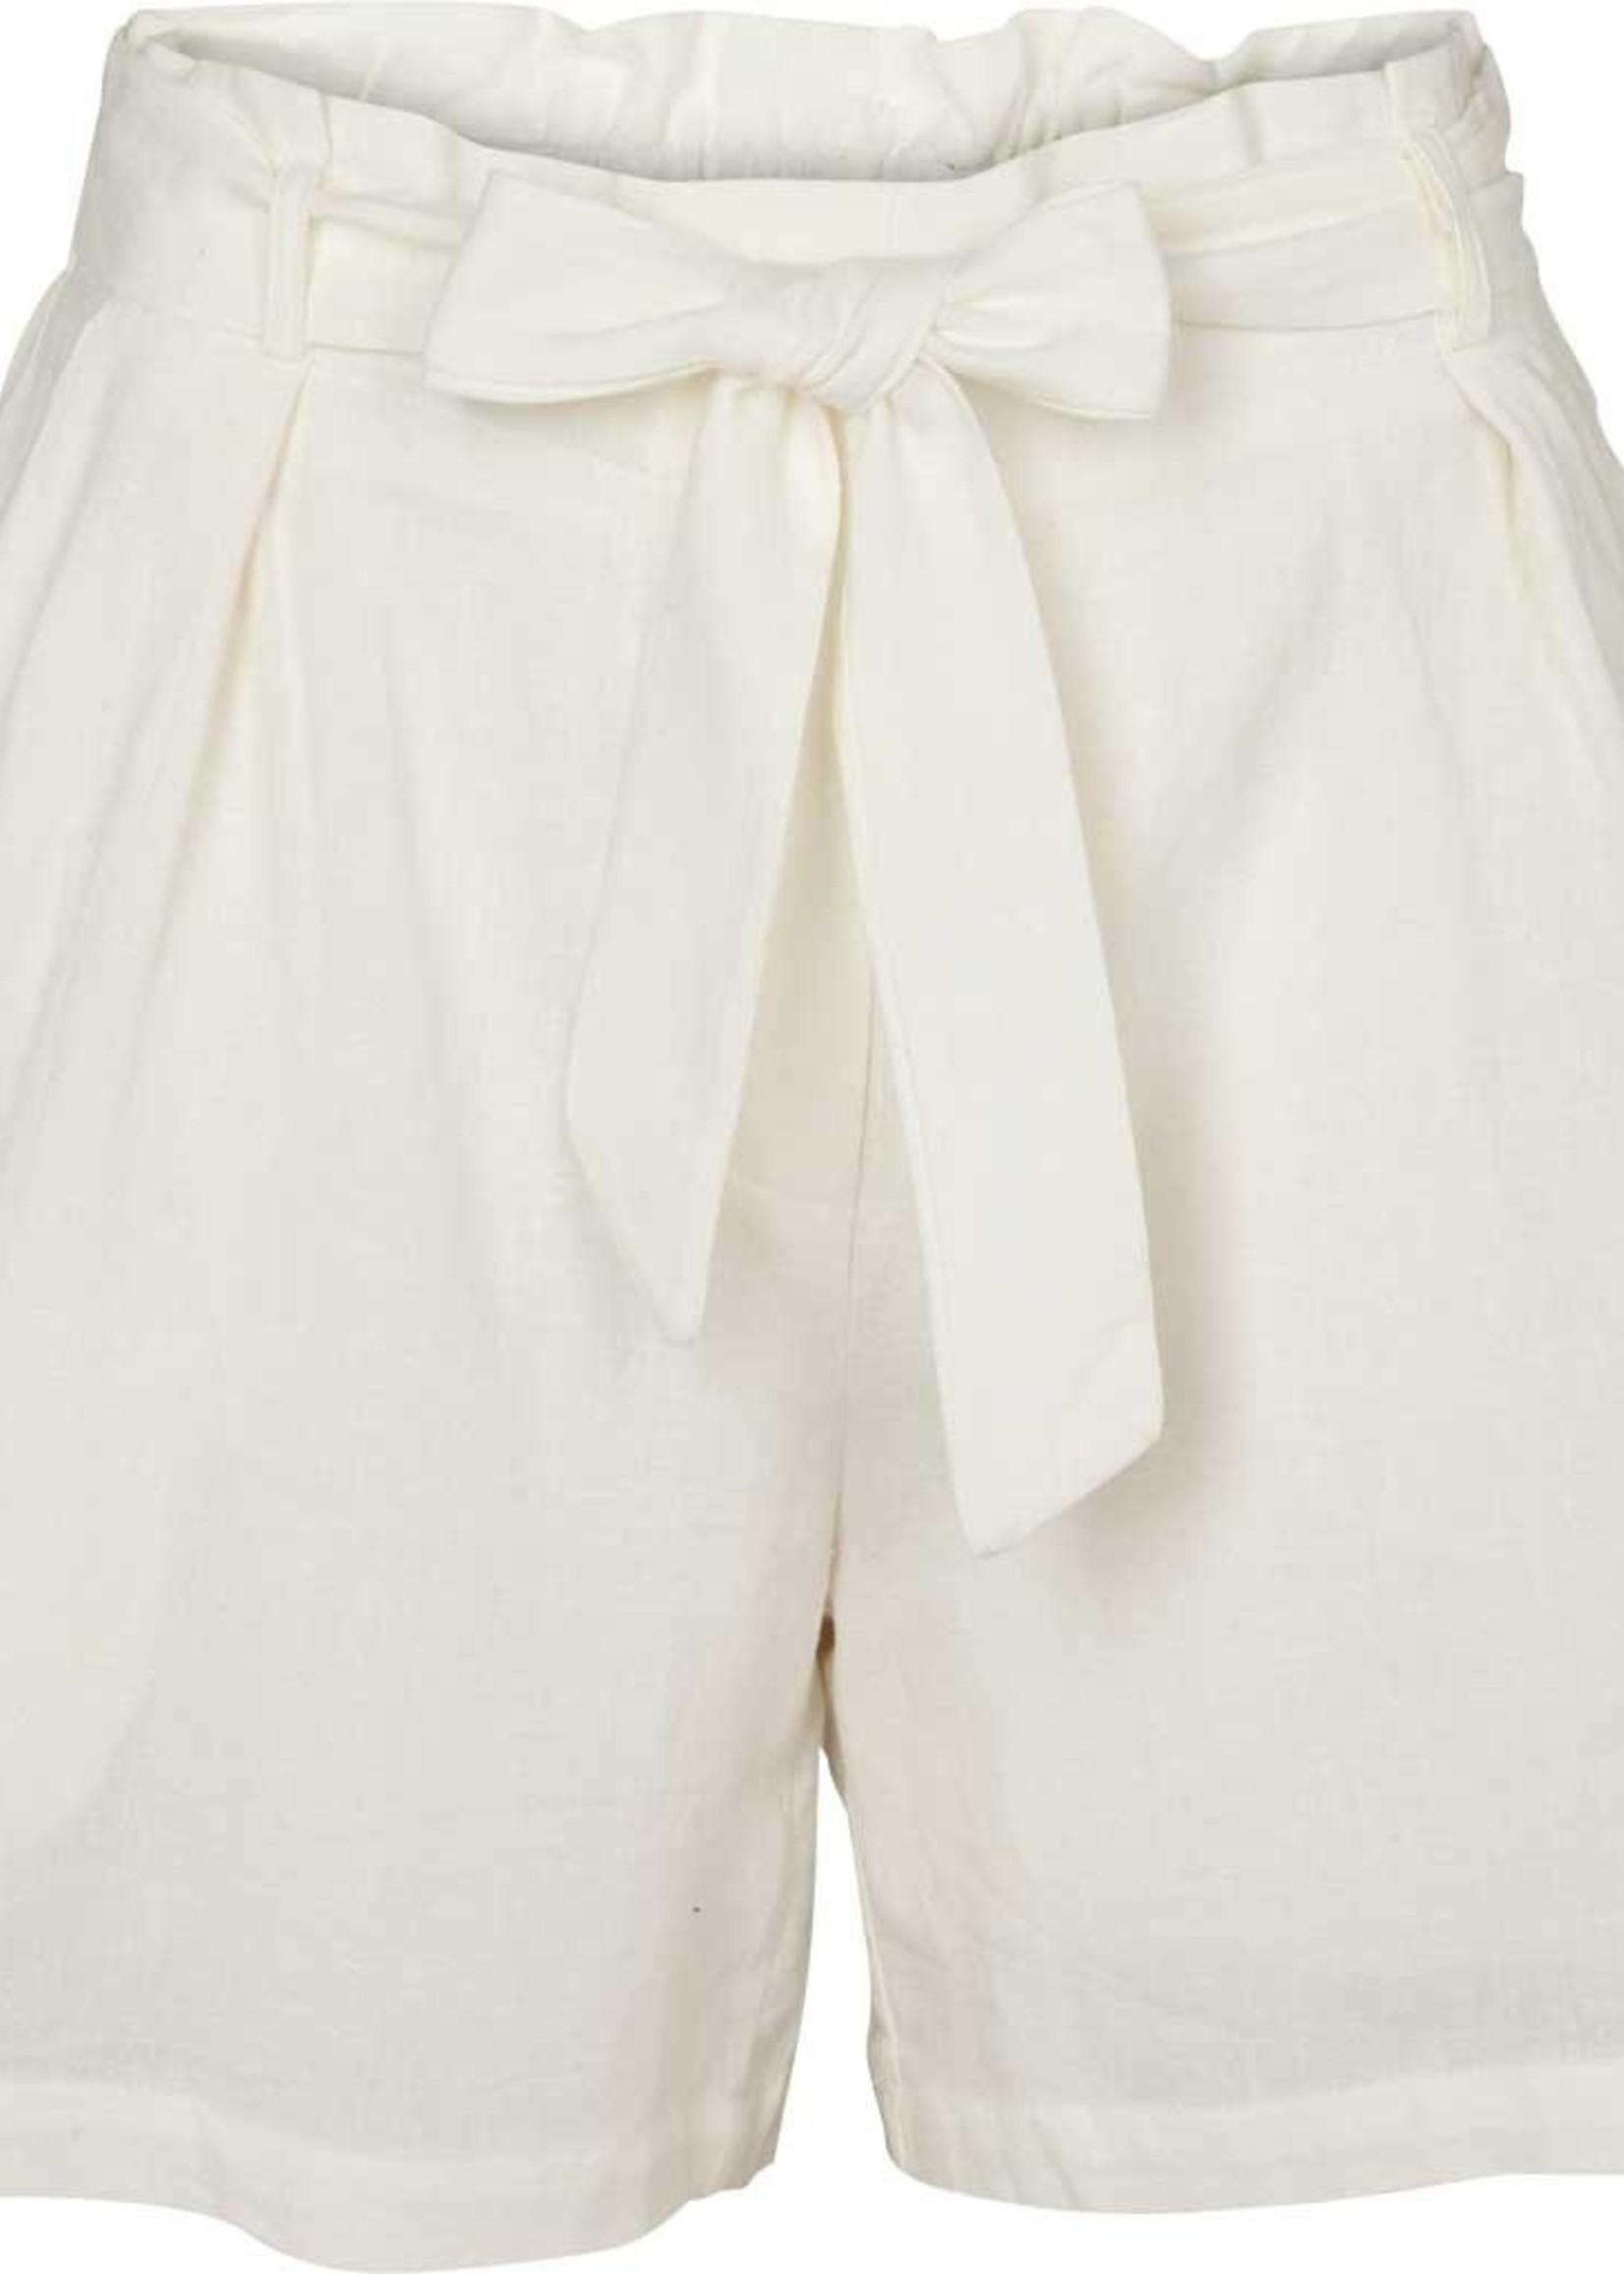 Basic Apparel Trine Shorts